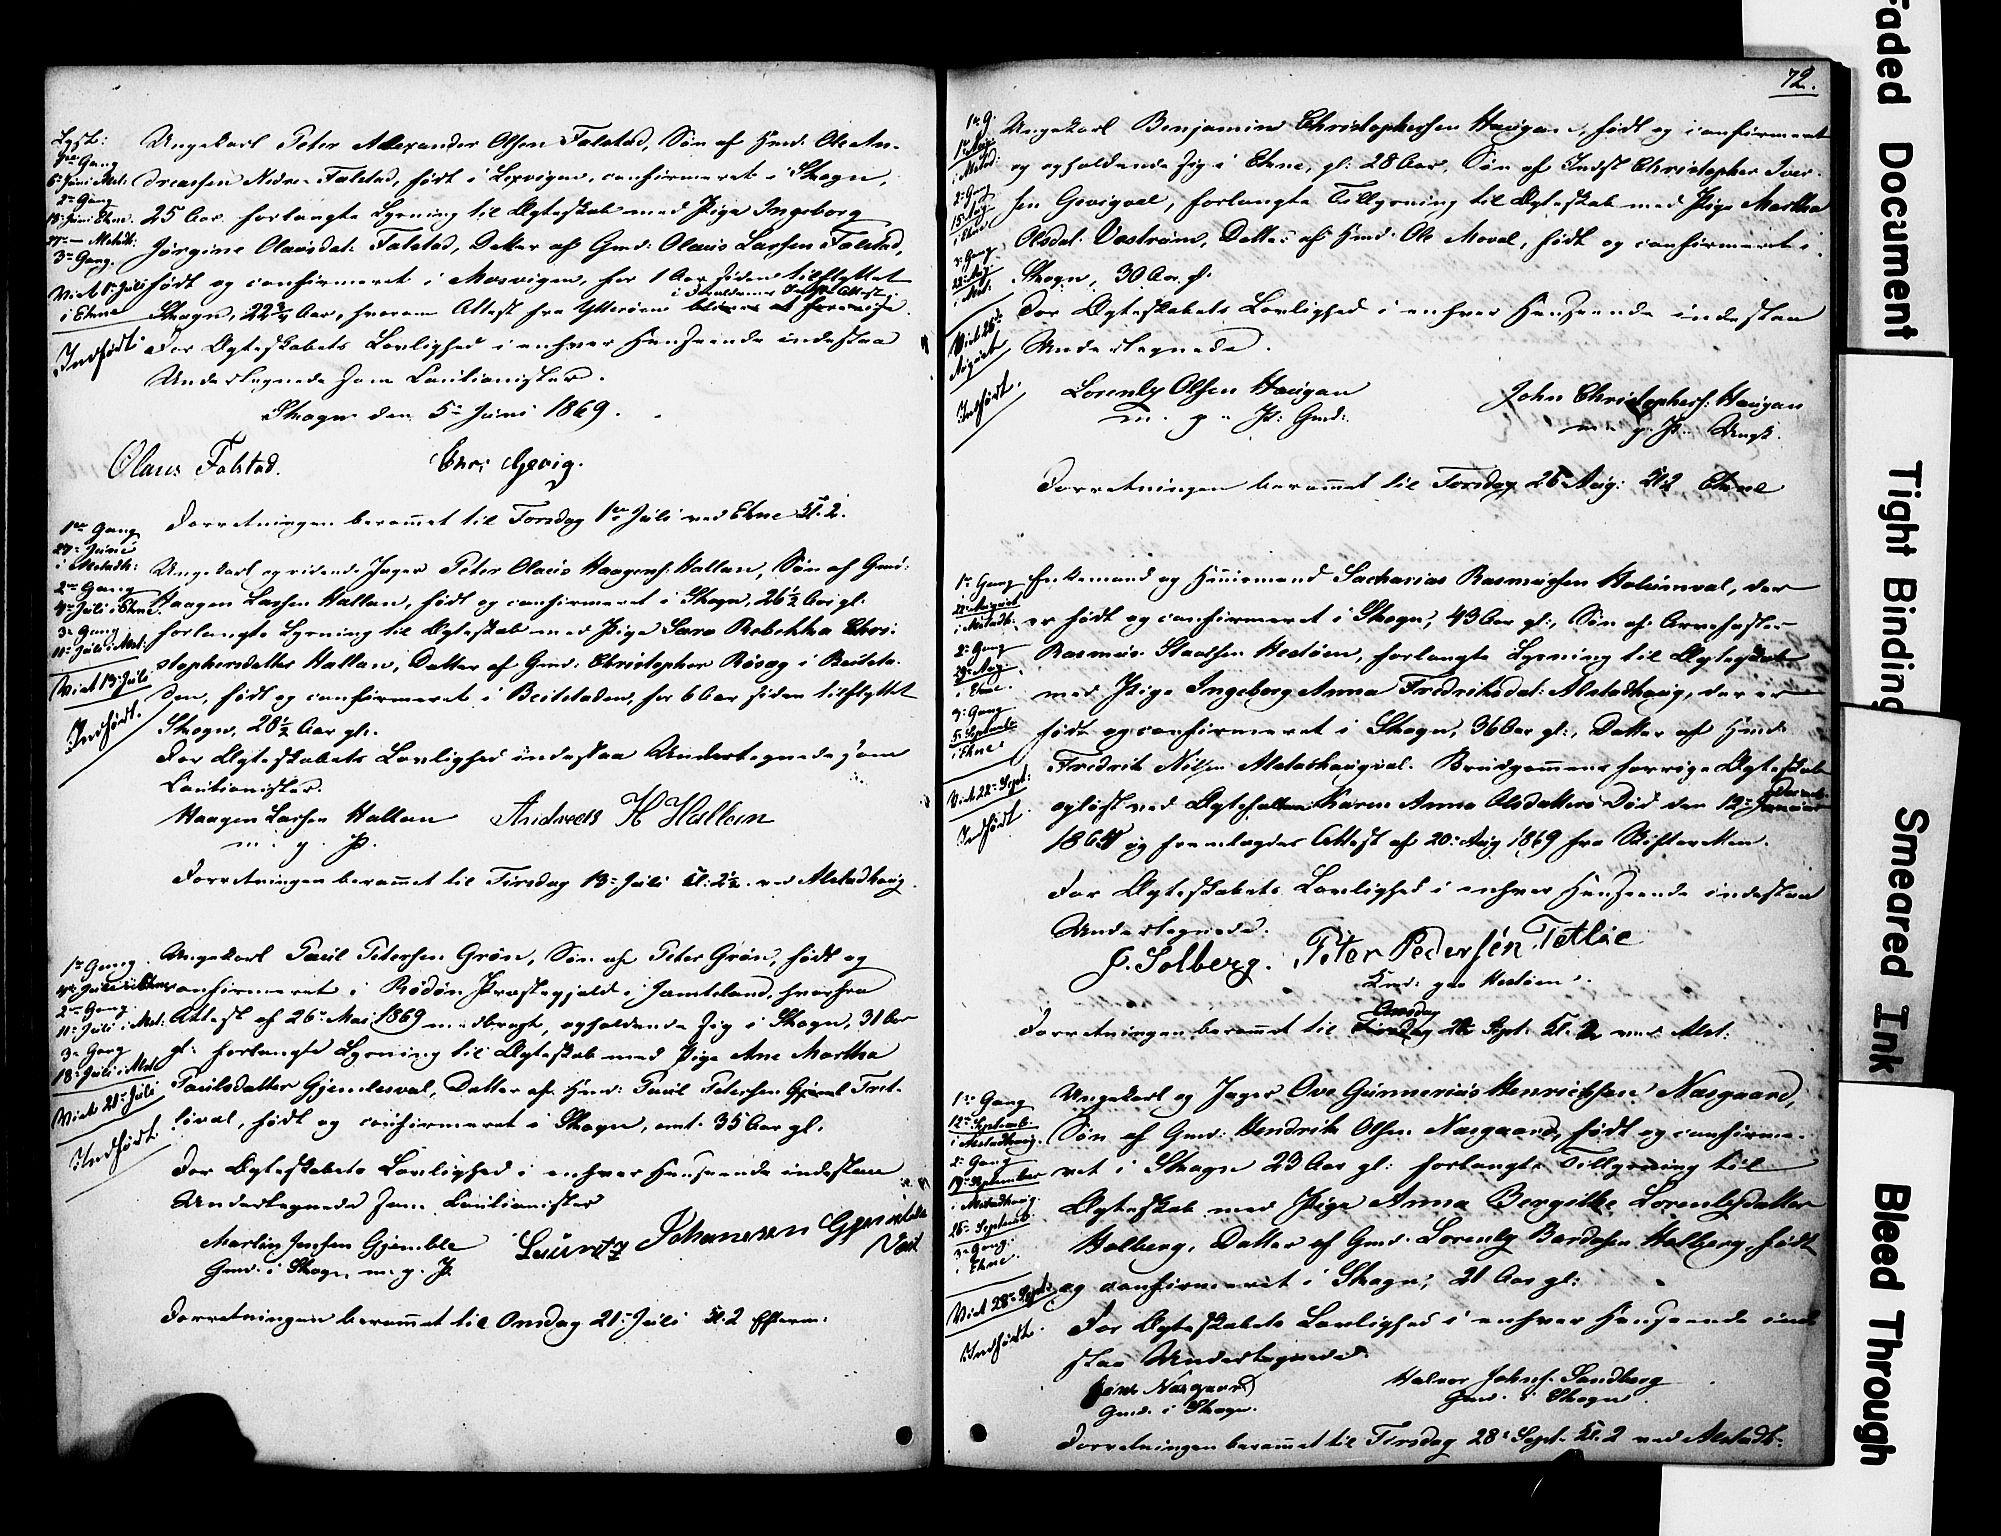 SAT, Ministerialprotokoller, klokkerbøker og fødselsregistre - Nord-Trøndelag, 717/L0161: Forlovererklæringer nr. 717A11, 1850-1895, s. 72